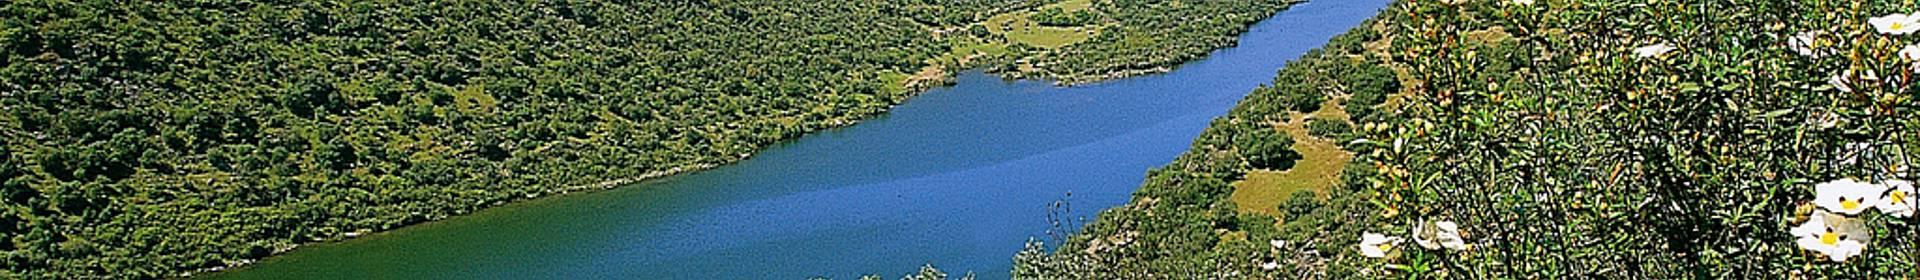 Parc naturel Tejo